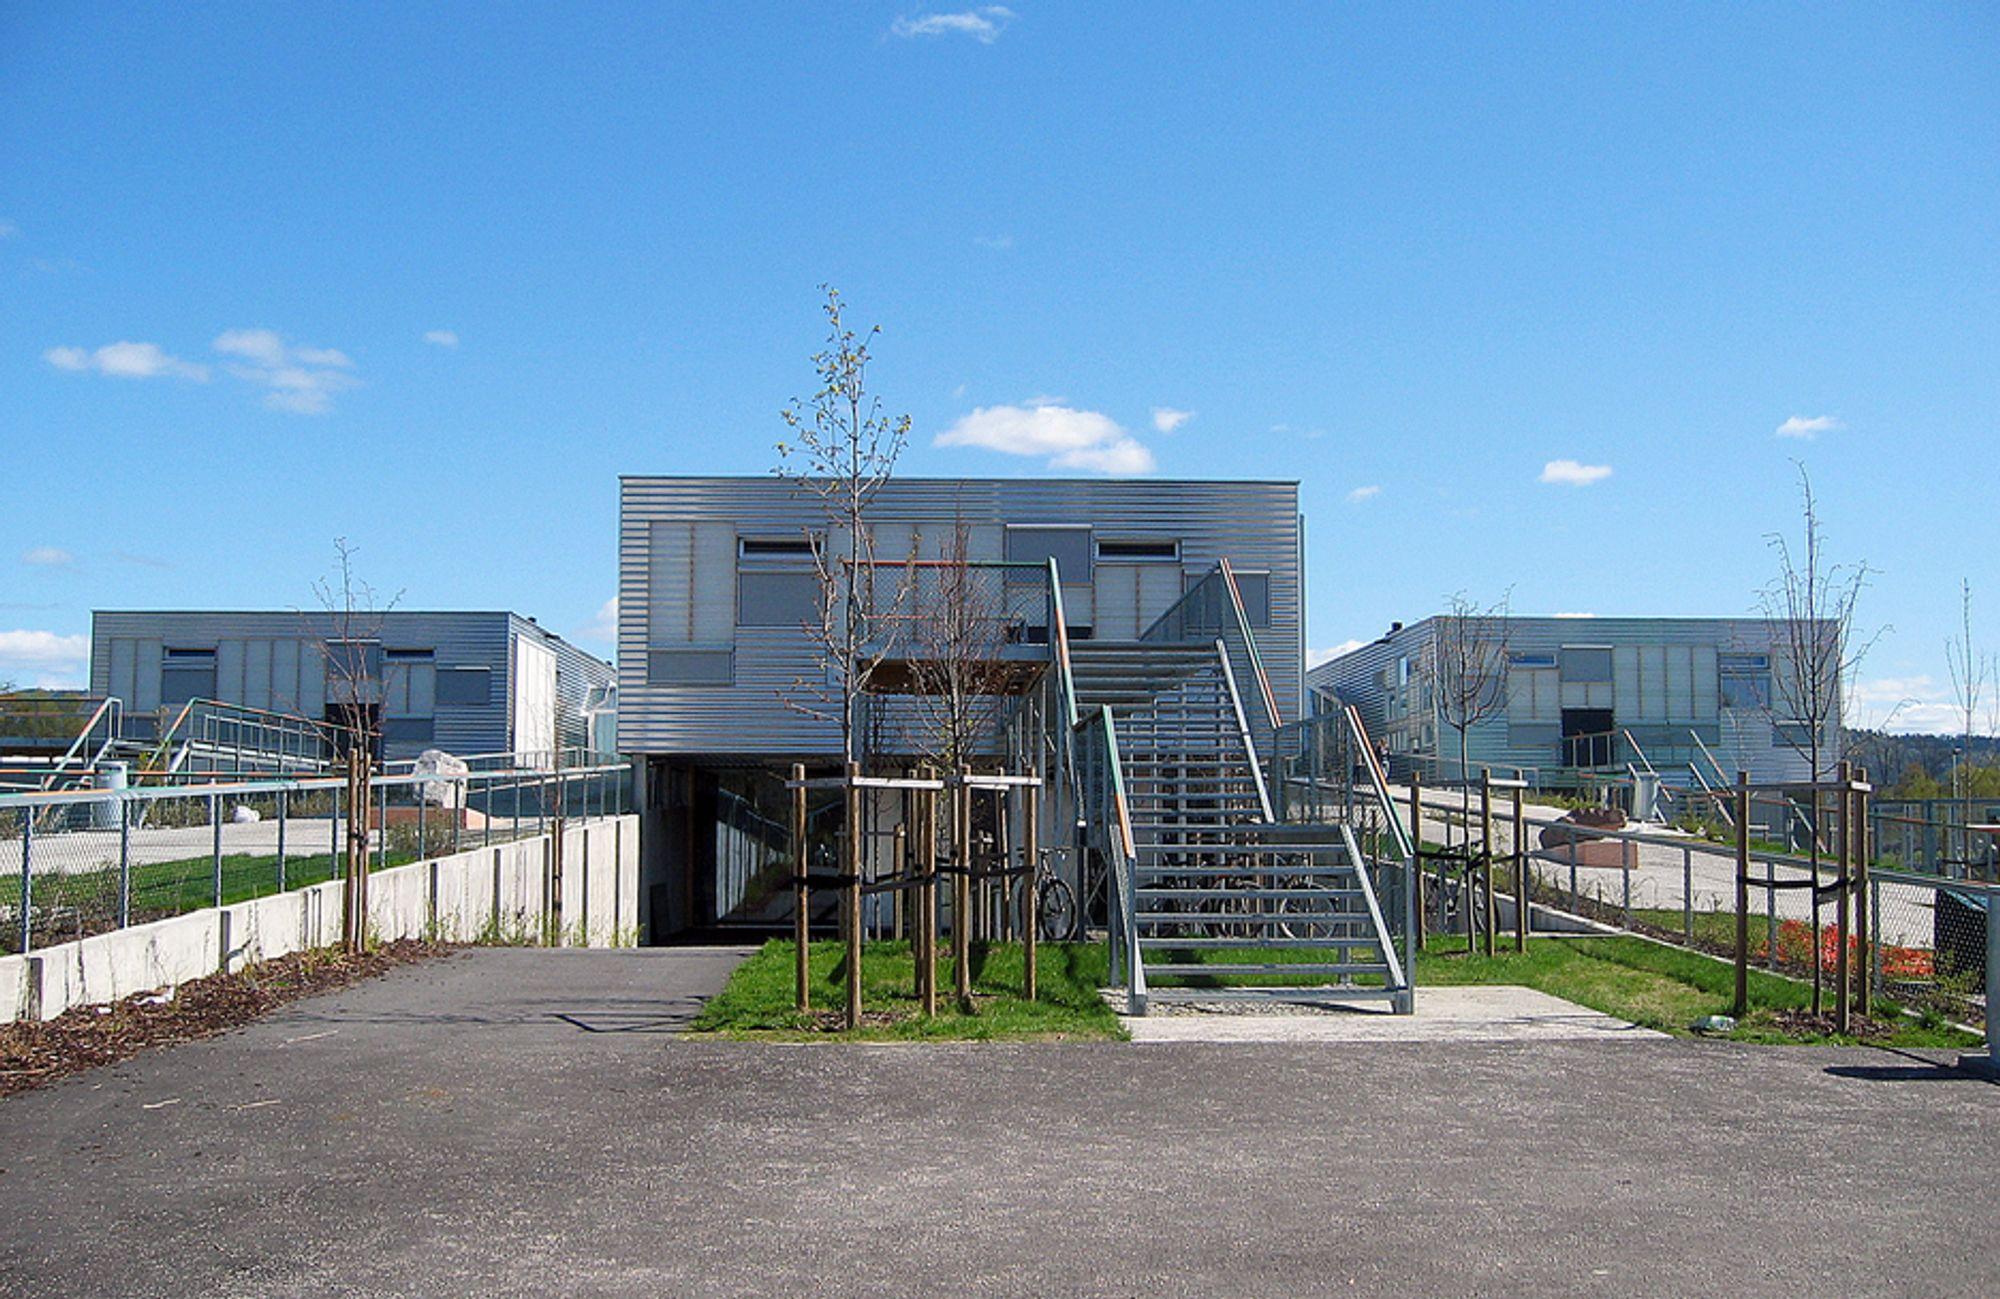 PROBLEMPROSJEKT: Mæla skole har vært et mareritt både for kommunen, arkitekten og prosjekteringsgruppen. Nå har tingrettsdommen falt, men heller ikke den gir klar skyld til én part.